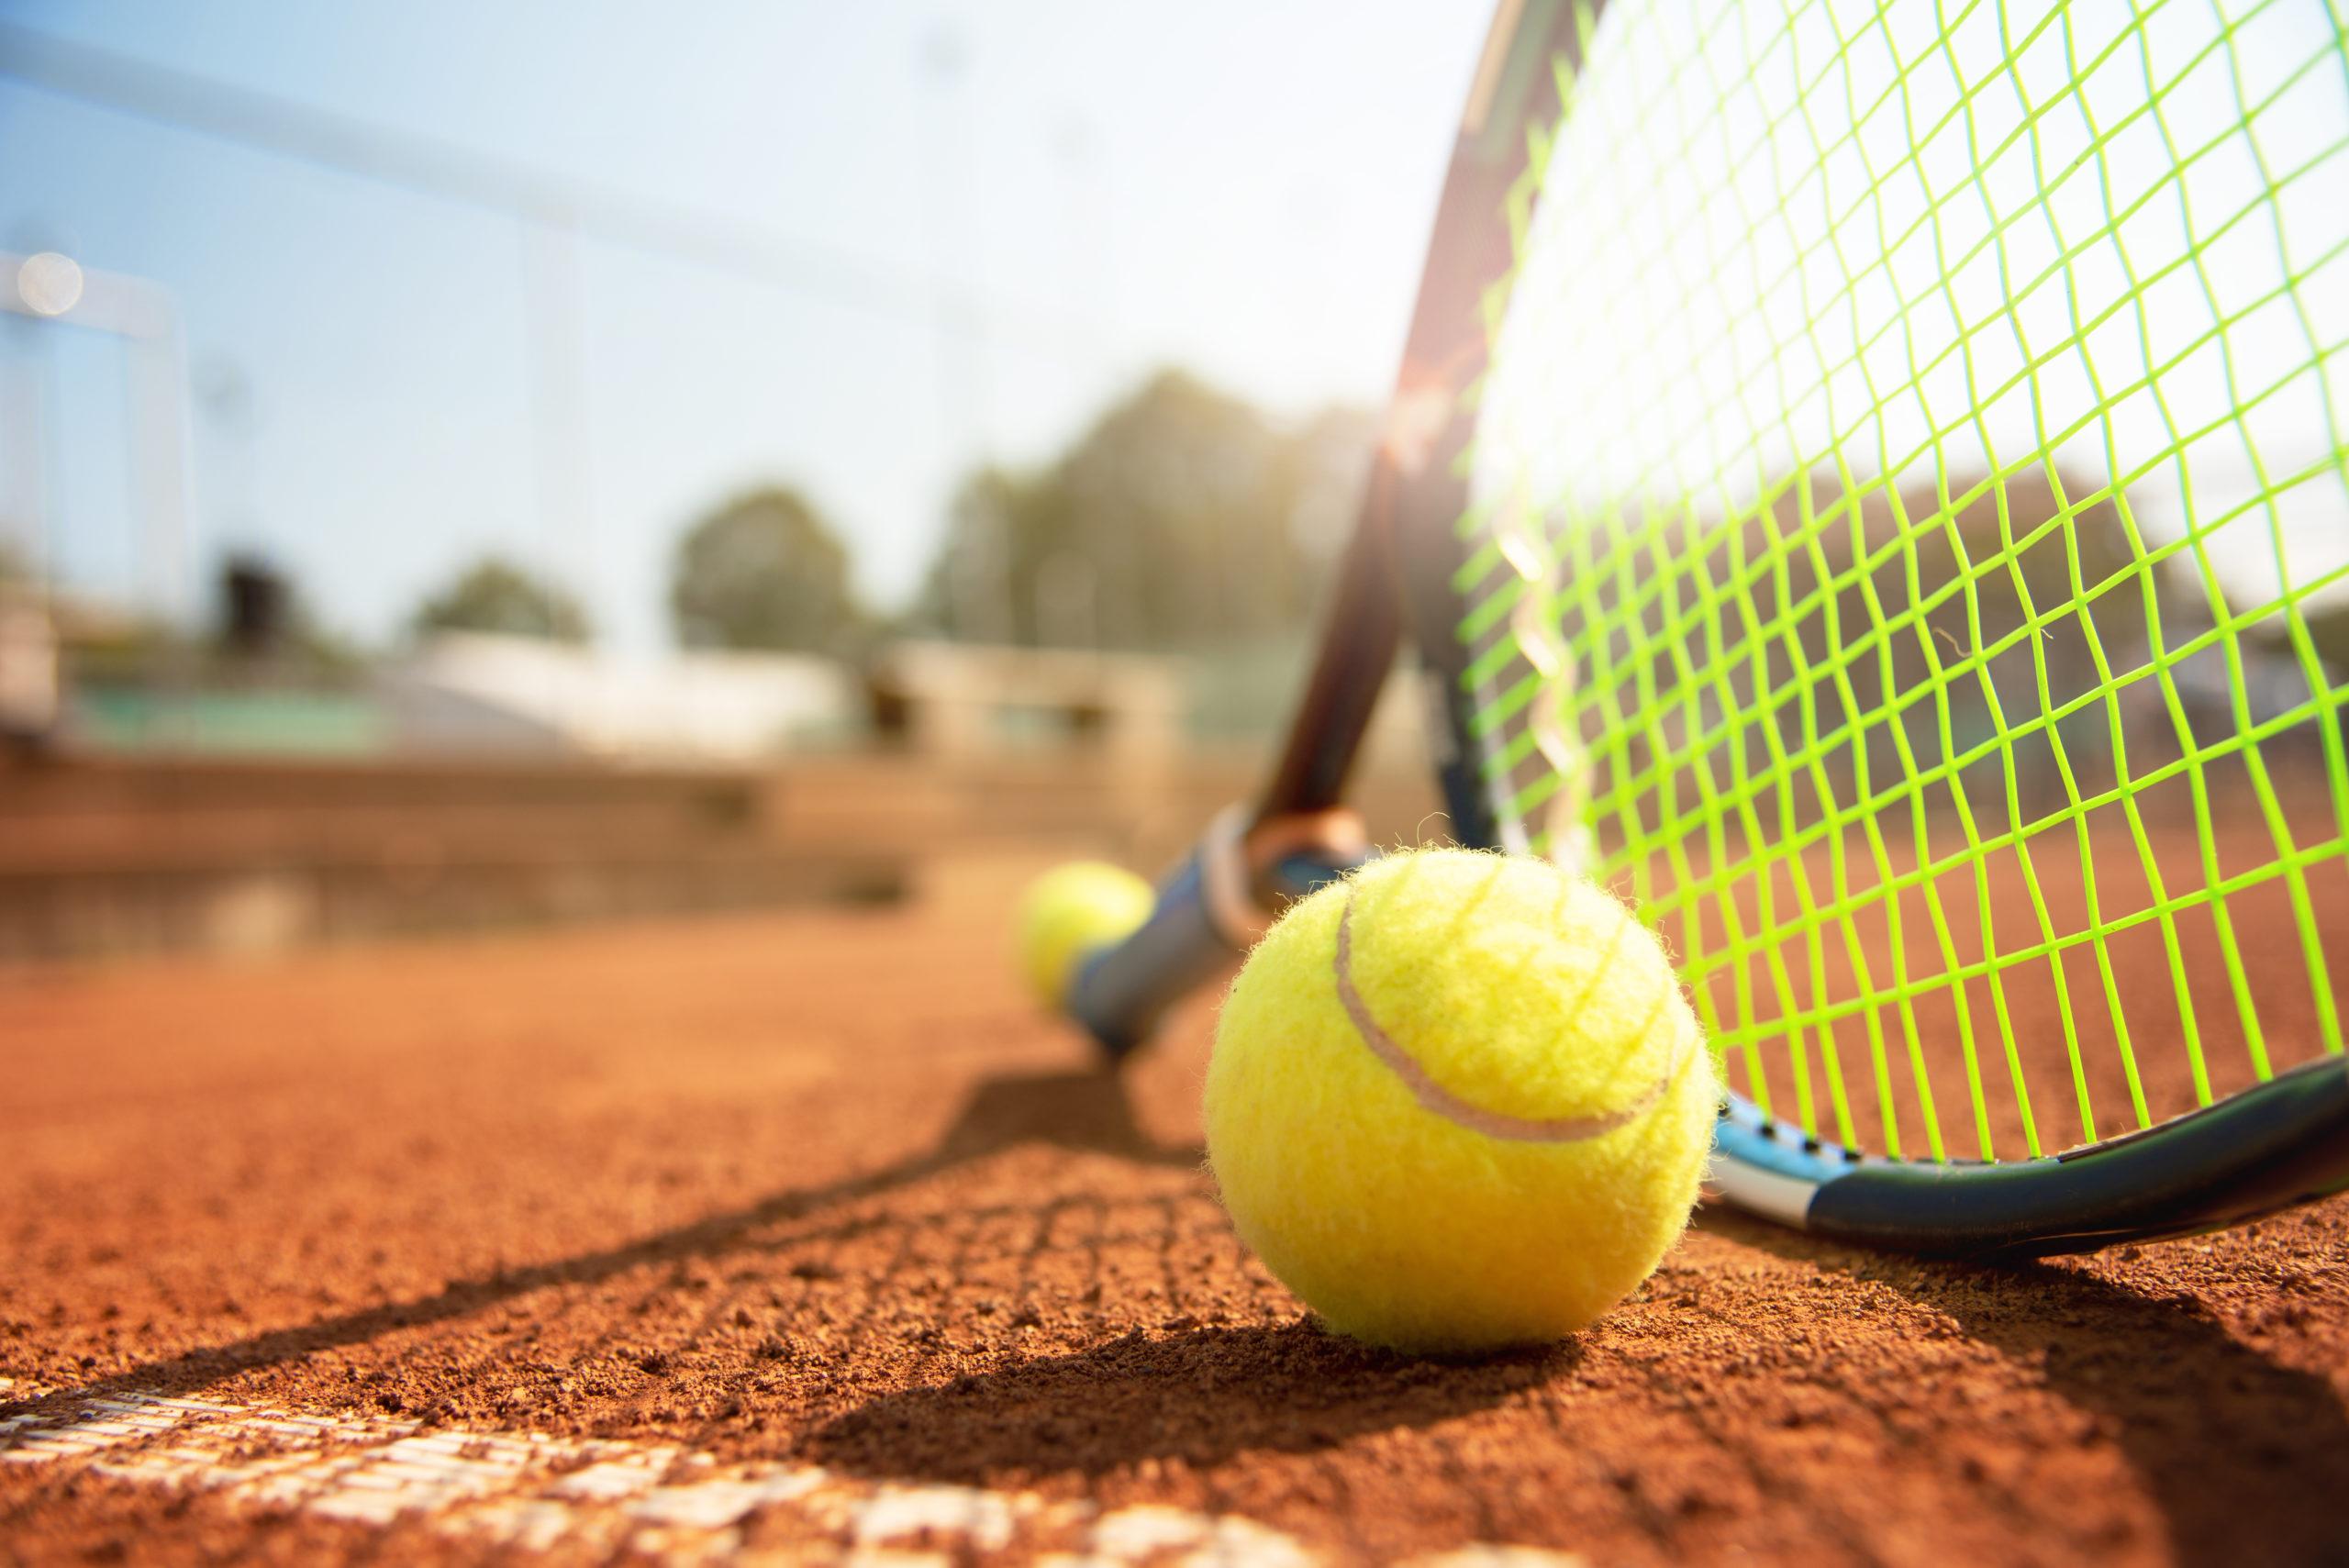 Tennis, Tennisschläger und Tennisball am Tennisplatz - SV